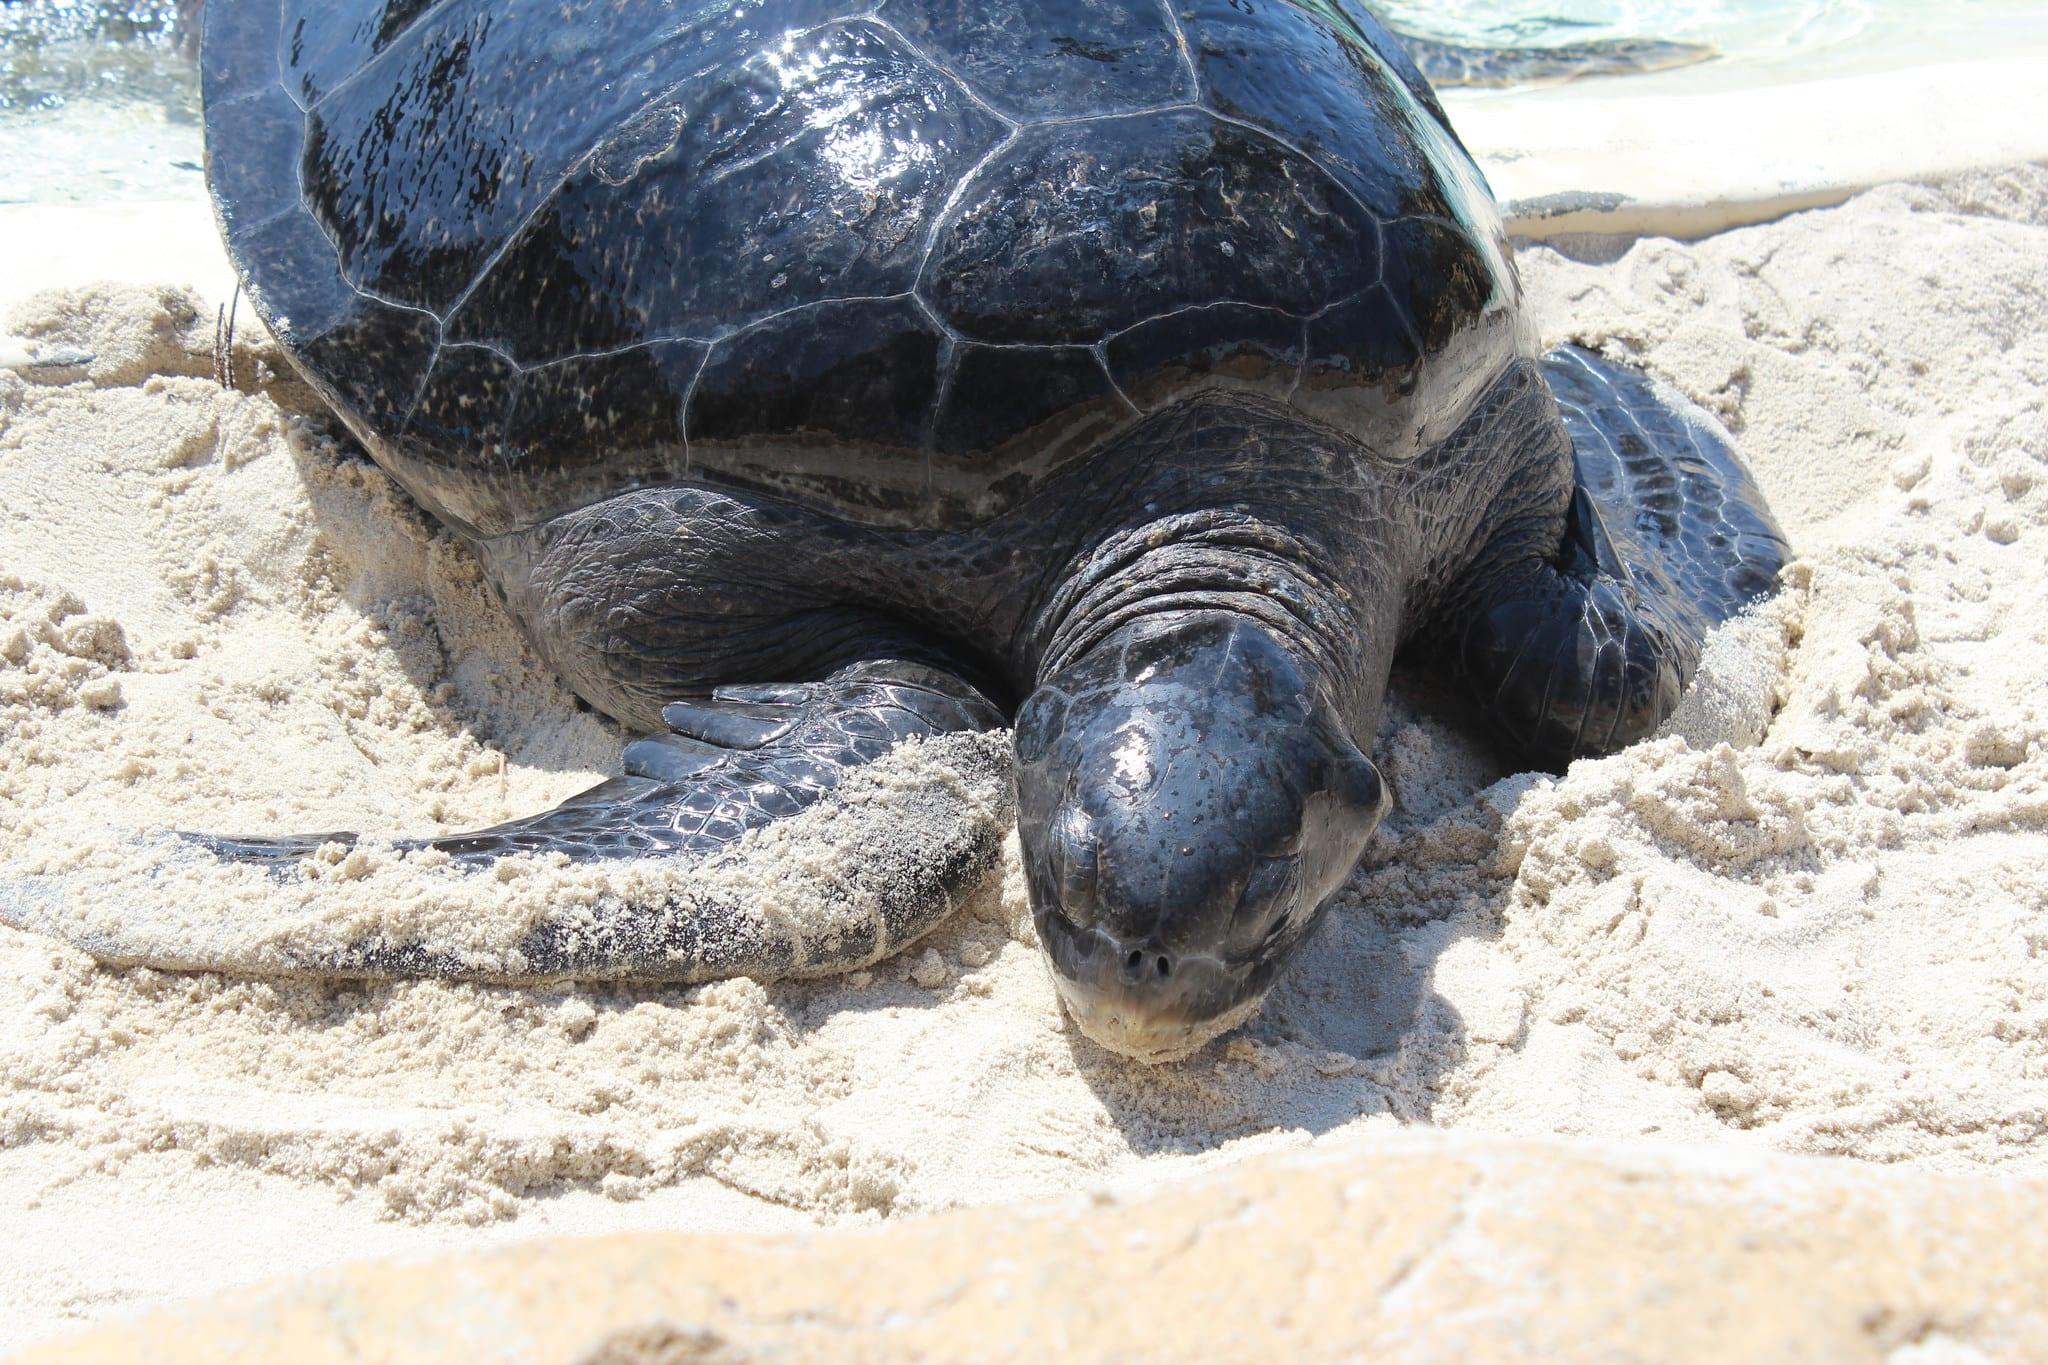 Loggerhead Sea Turtles in Turkey